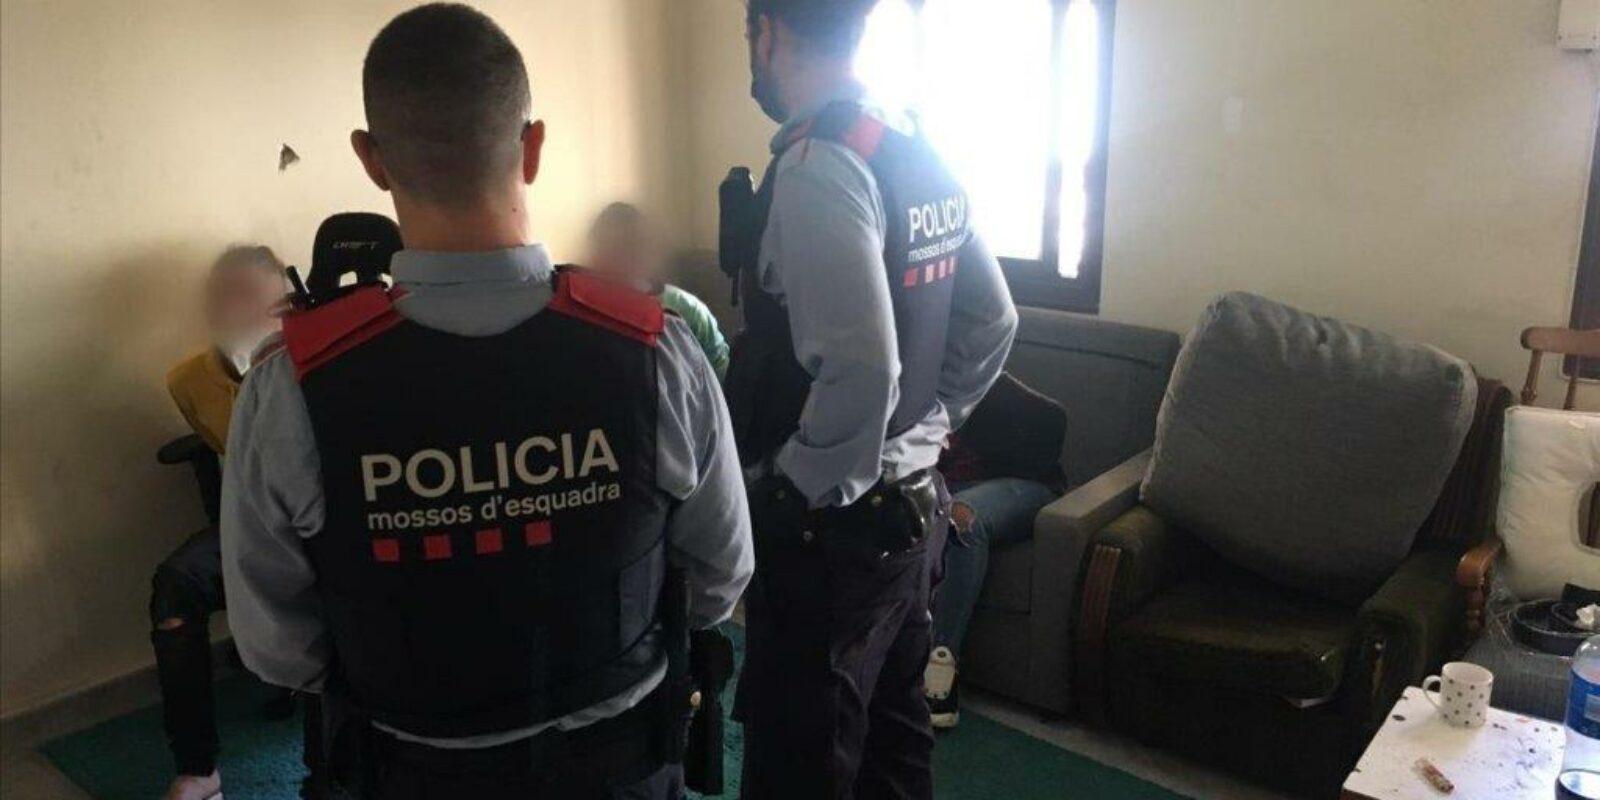 Detenció d'un dels tres presumptes lladres violents de Nou Barris / Mossos d'Esquadra